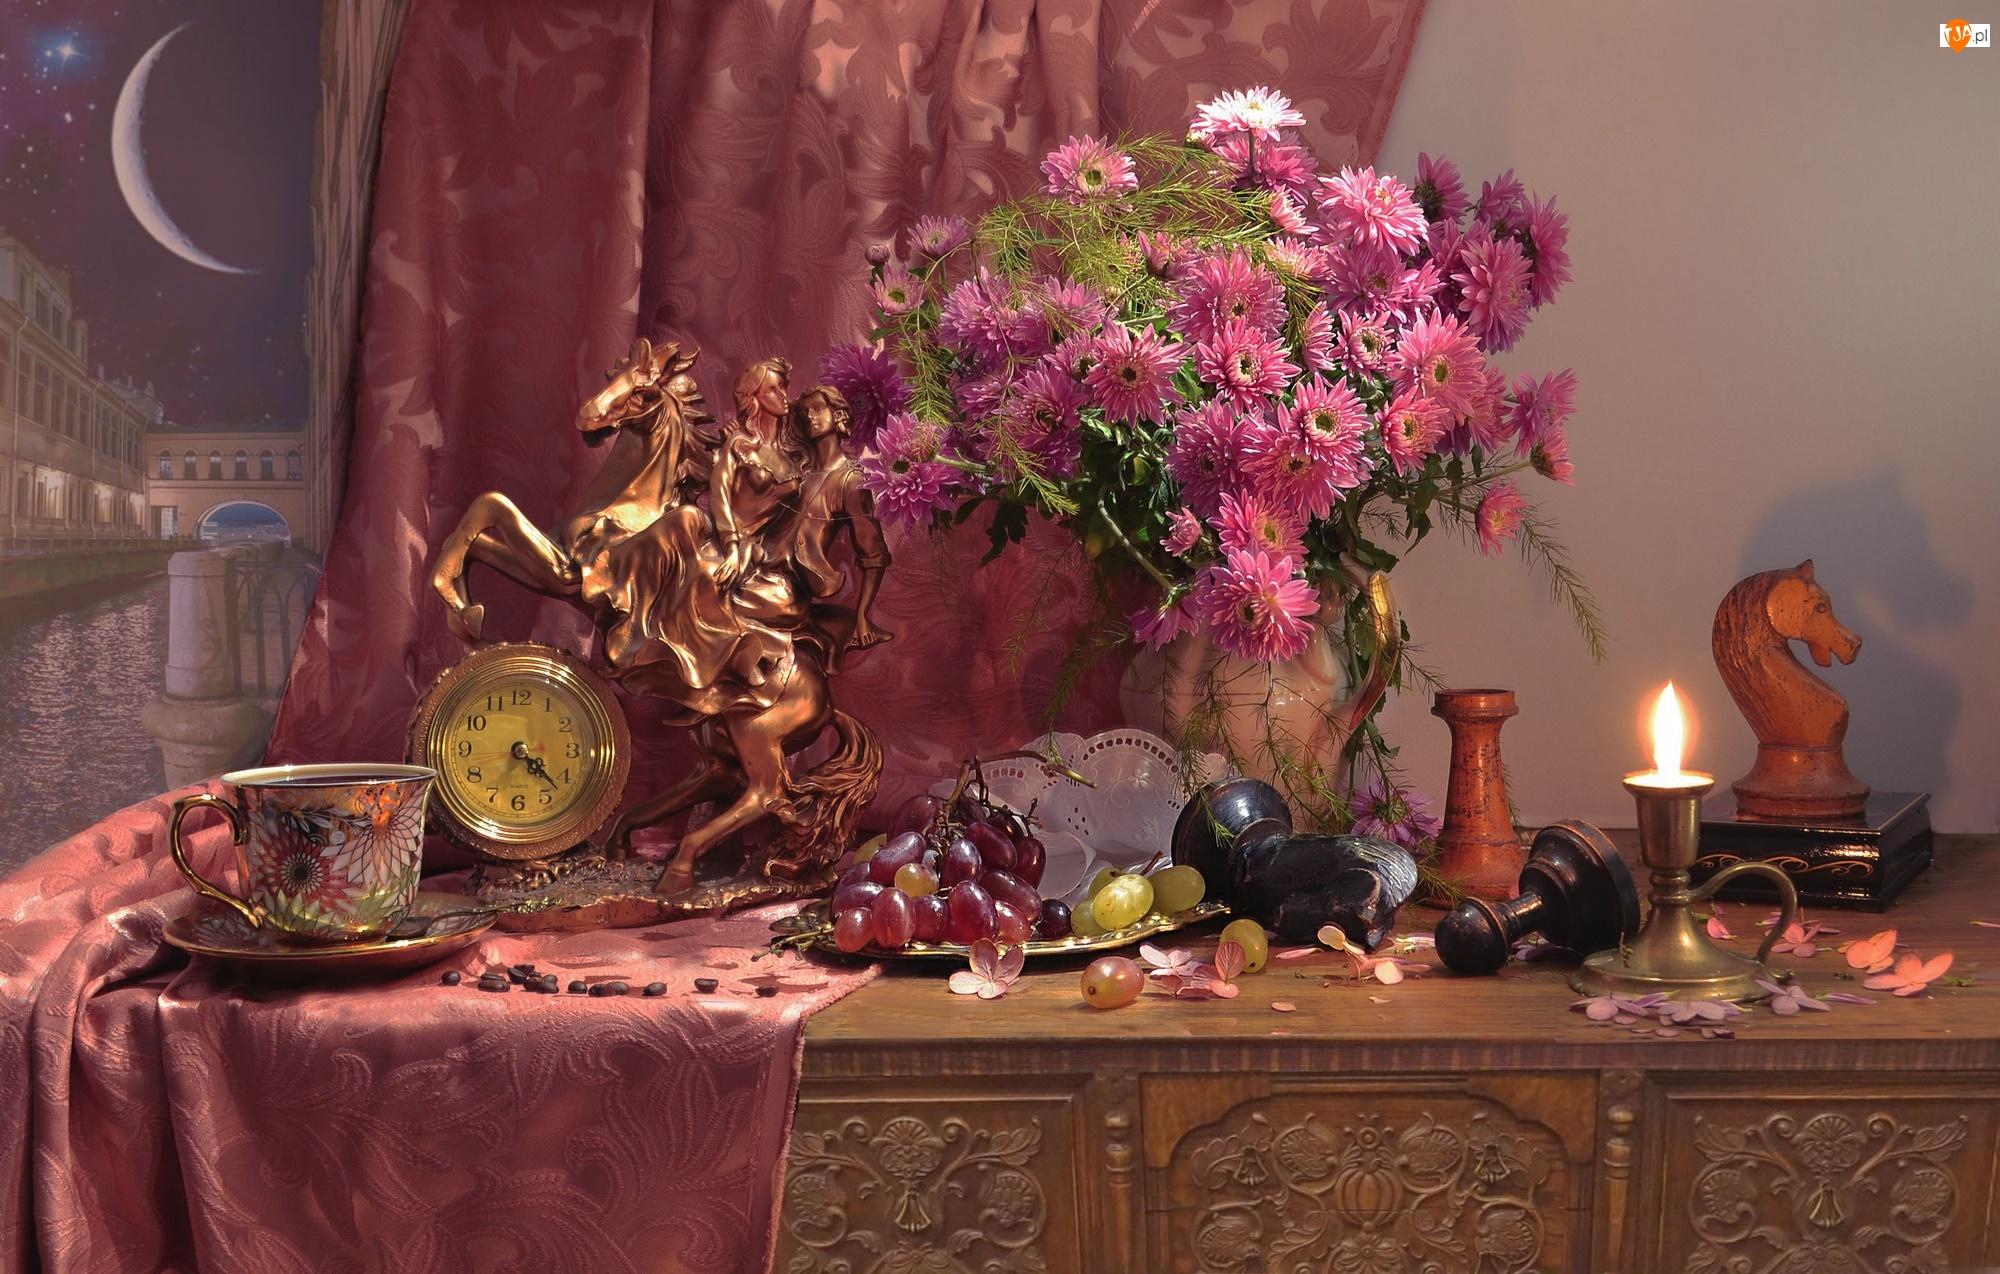 Kompozycja, Bukiet, Świecznik, Filiżanka, Szachy, Chryzantemy, Figurka, Kwiaty, Zegar